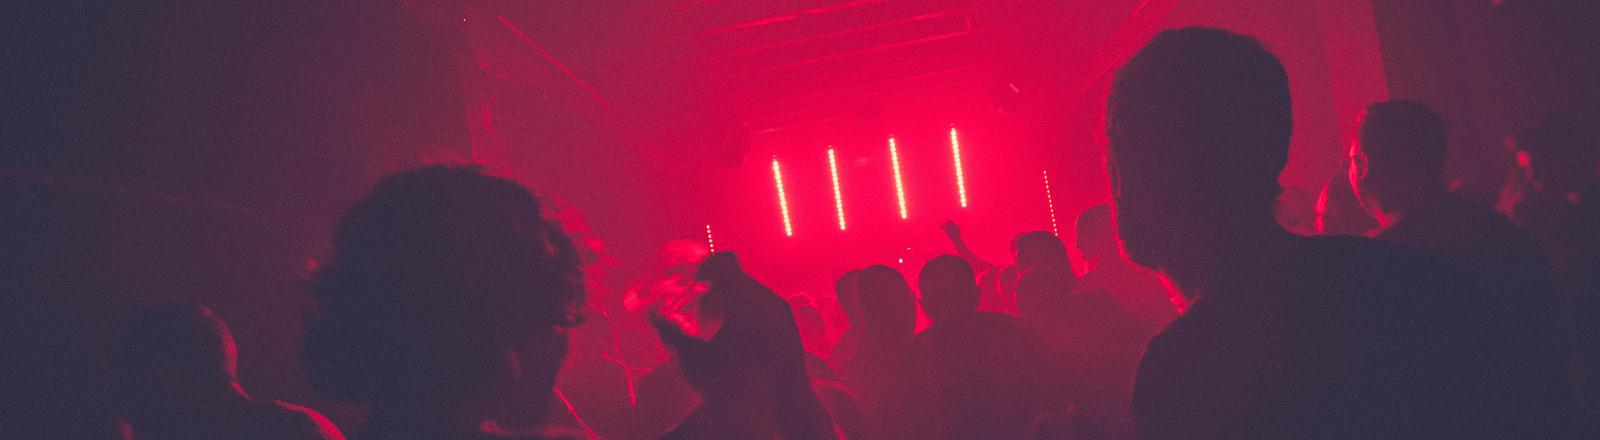 Menschen feiern im roten Neon-Licht.